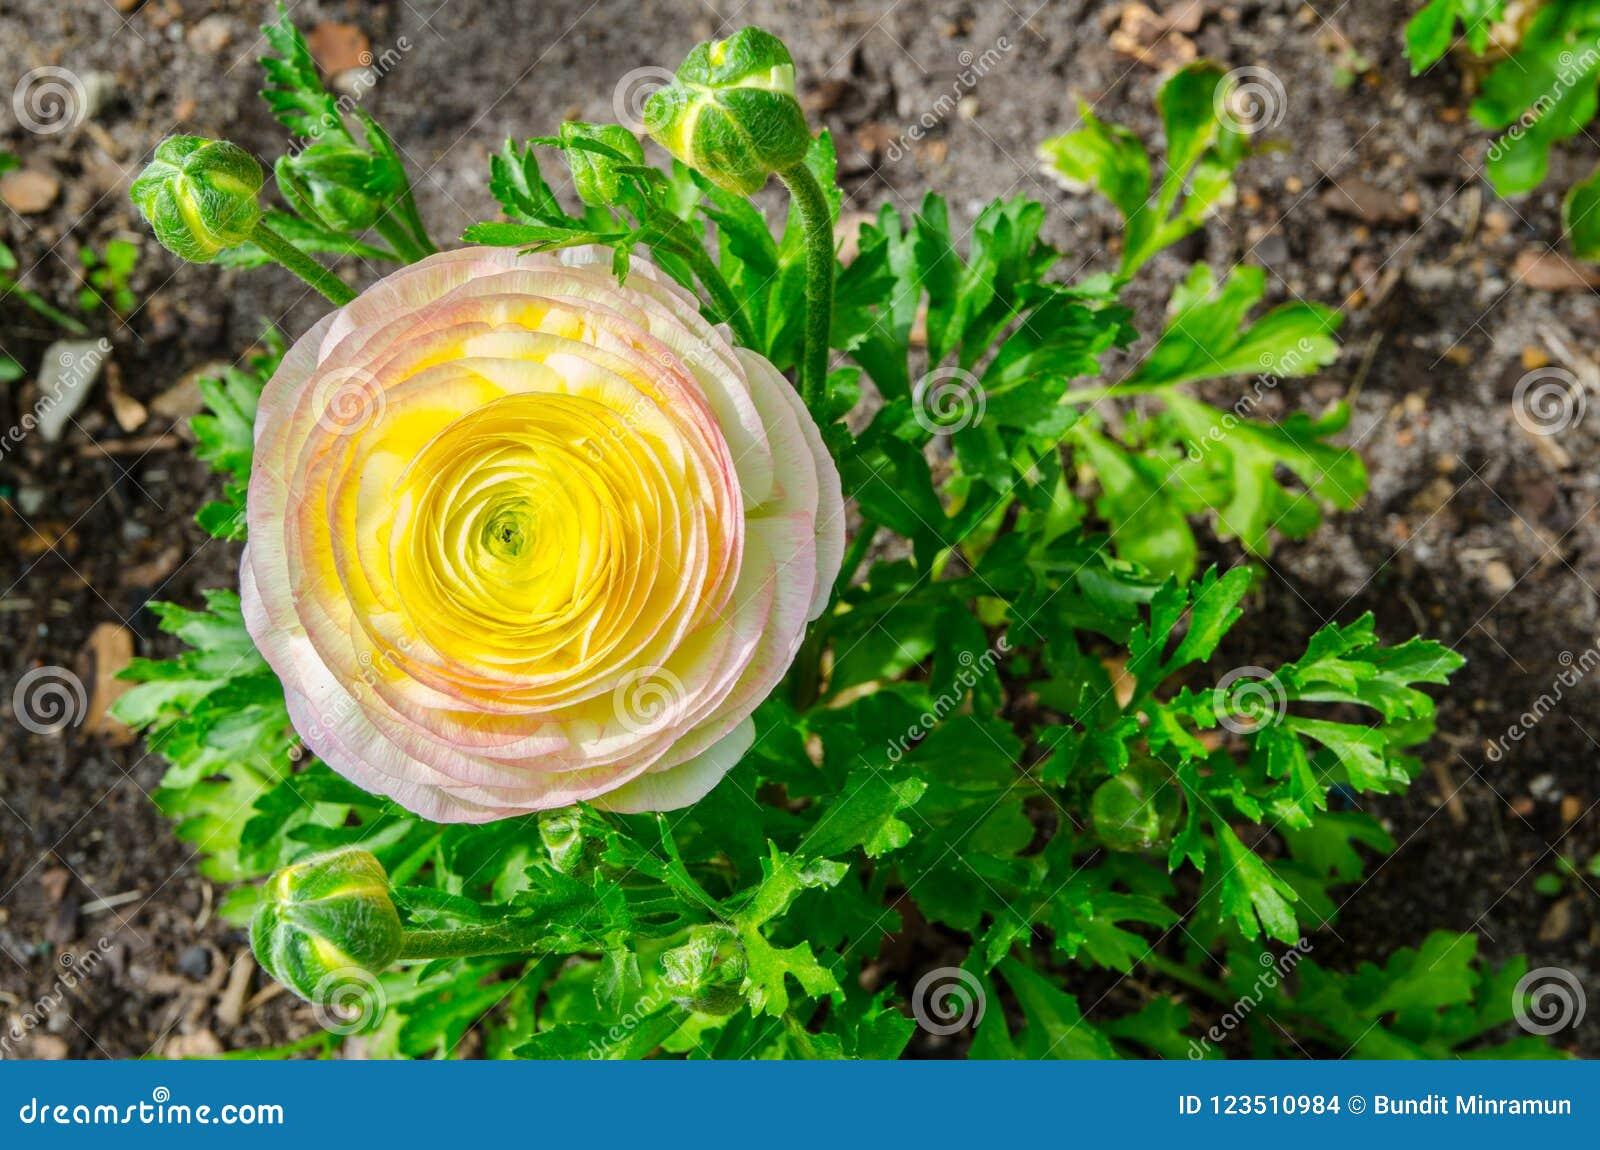 Το όμορφη καλή κίτρινη και ρόδινη βατράχιο ή η νεραγκούλα ανθίζει στο εκατονταετές πάρκο, Σίδνεϊ, Αυστραλία